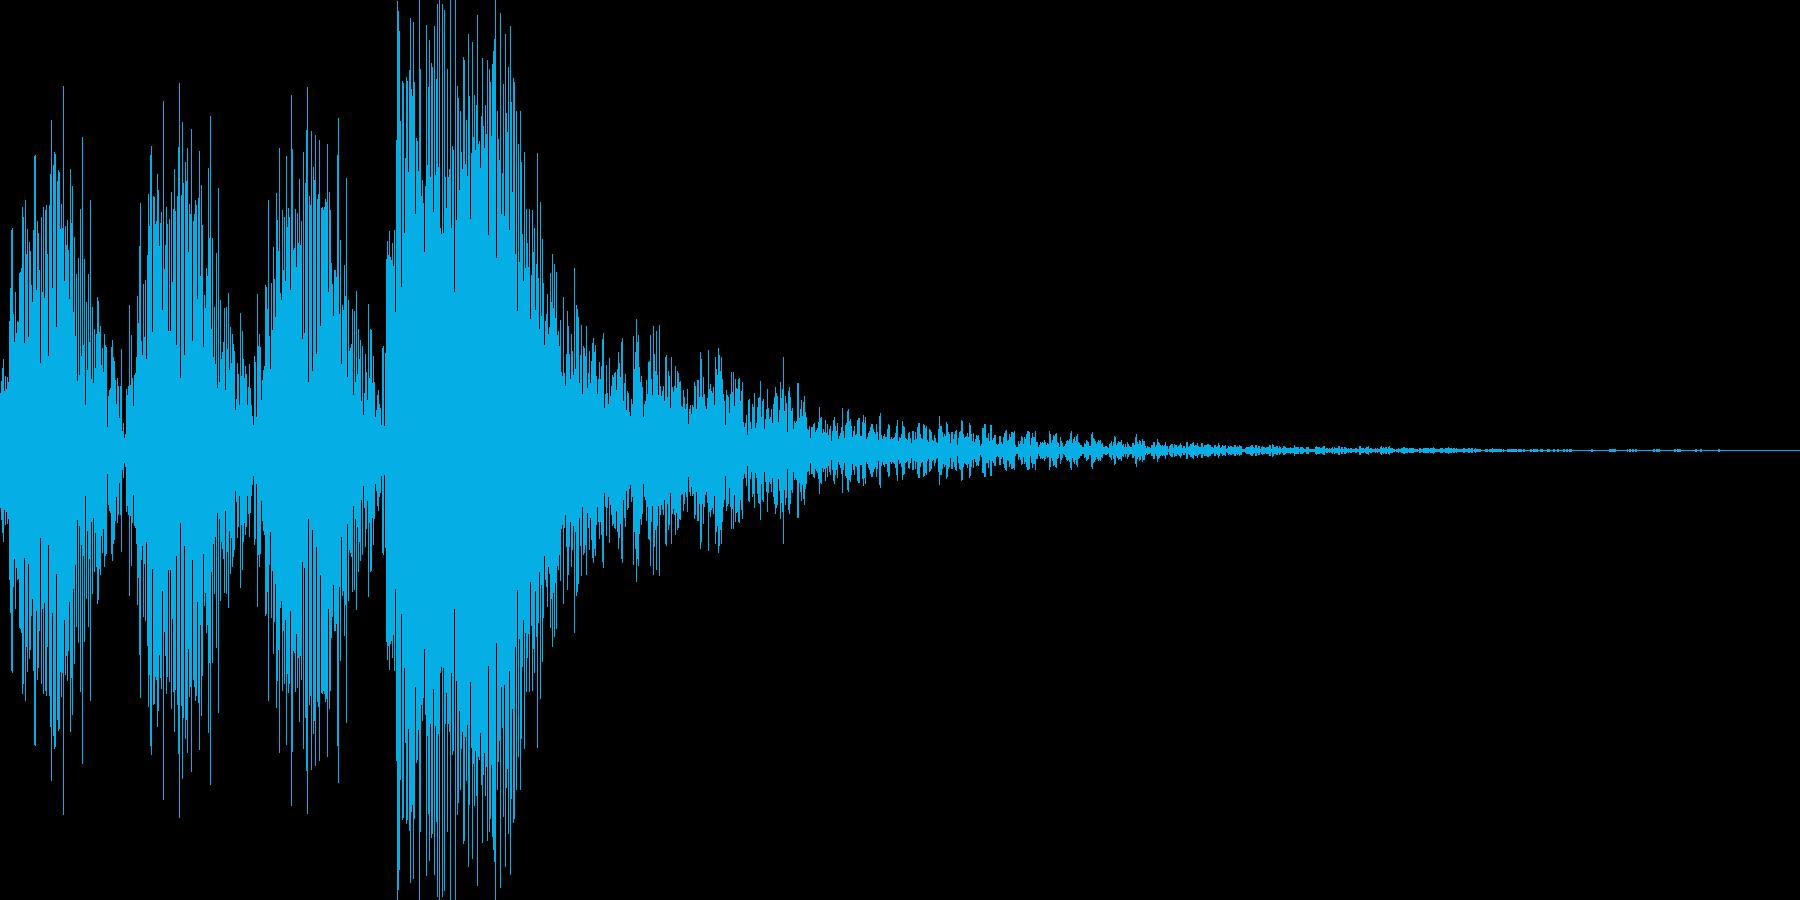 タタタタン(水〇黄門風)の再生済みの波形